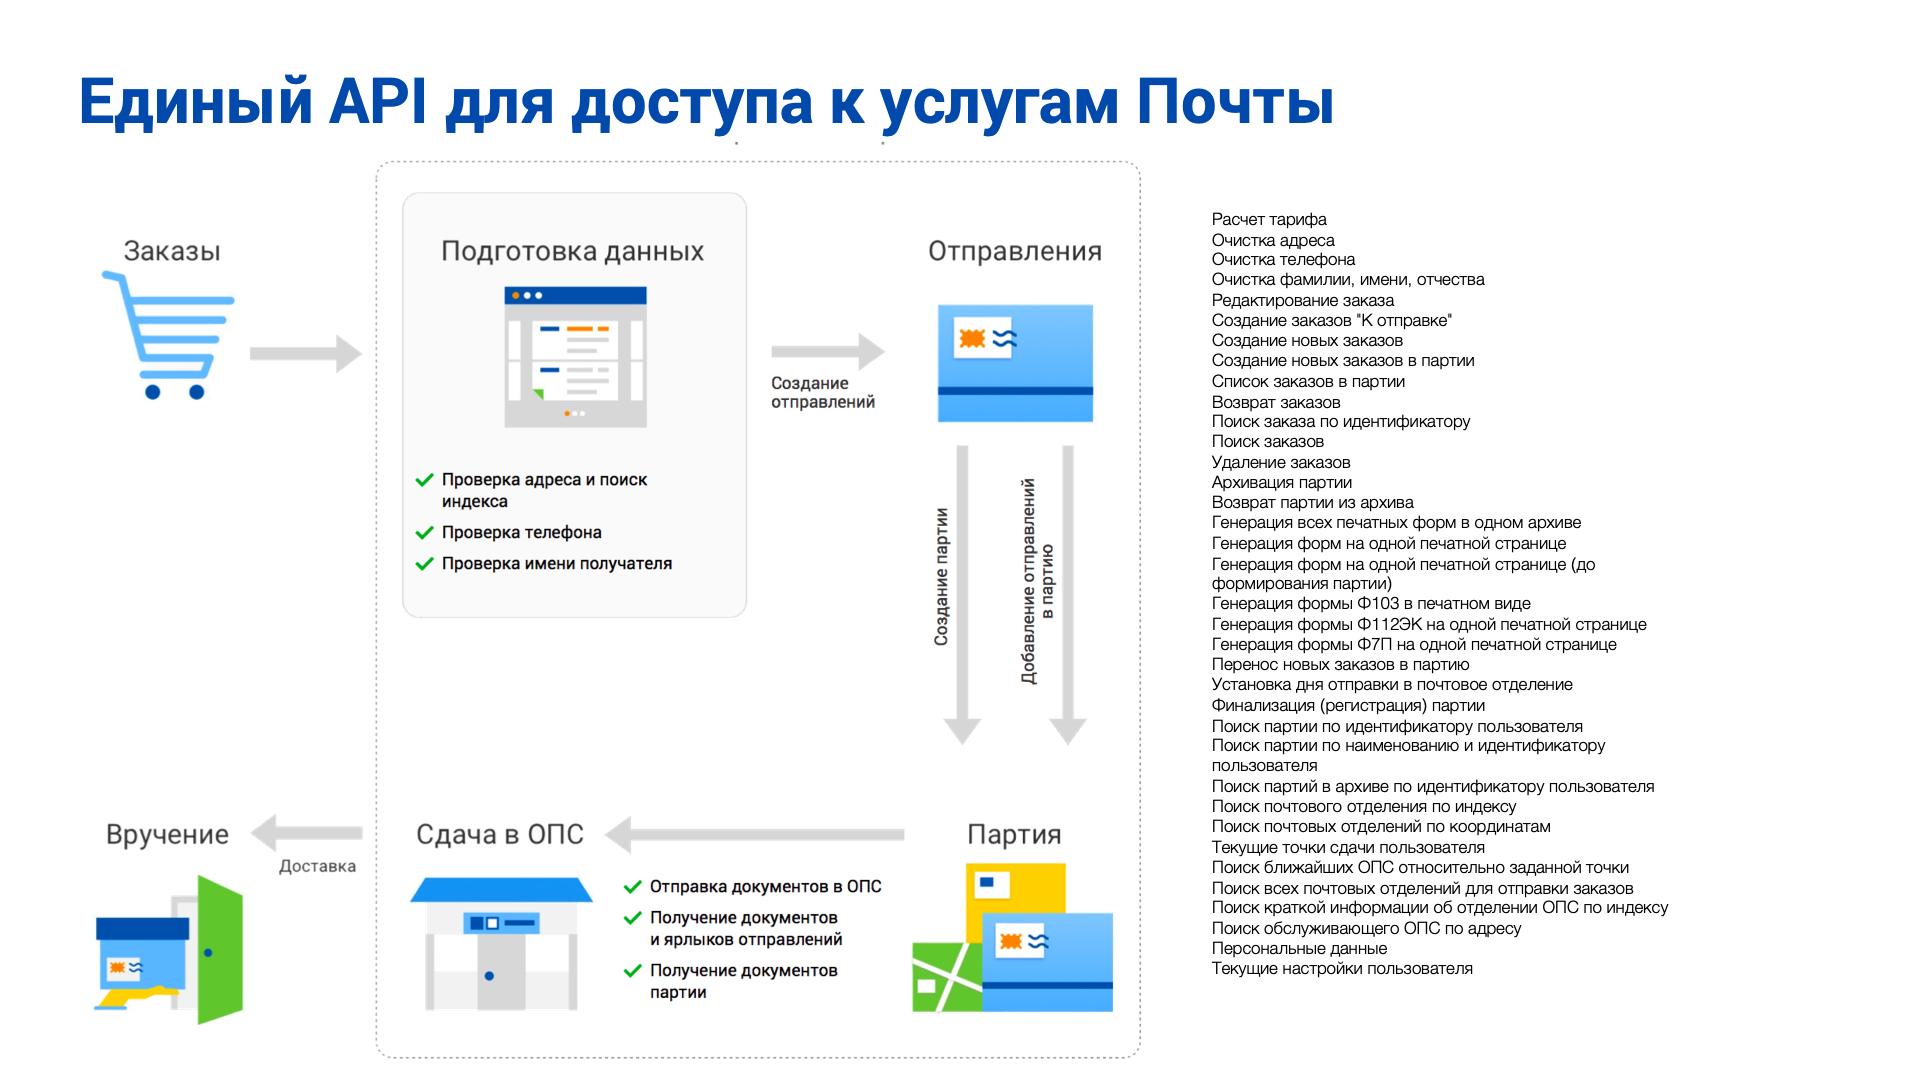 Почтовые Технологии — как мы цифровизируем Почту России - 9